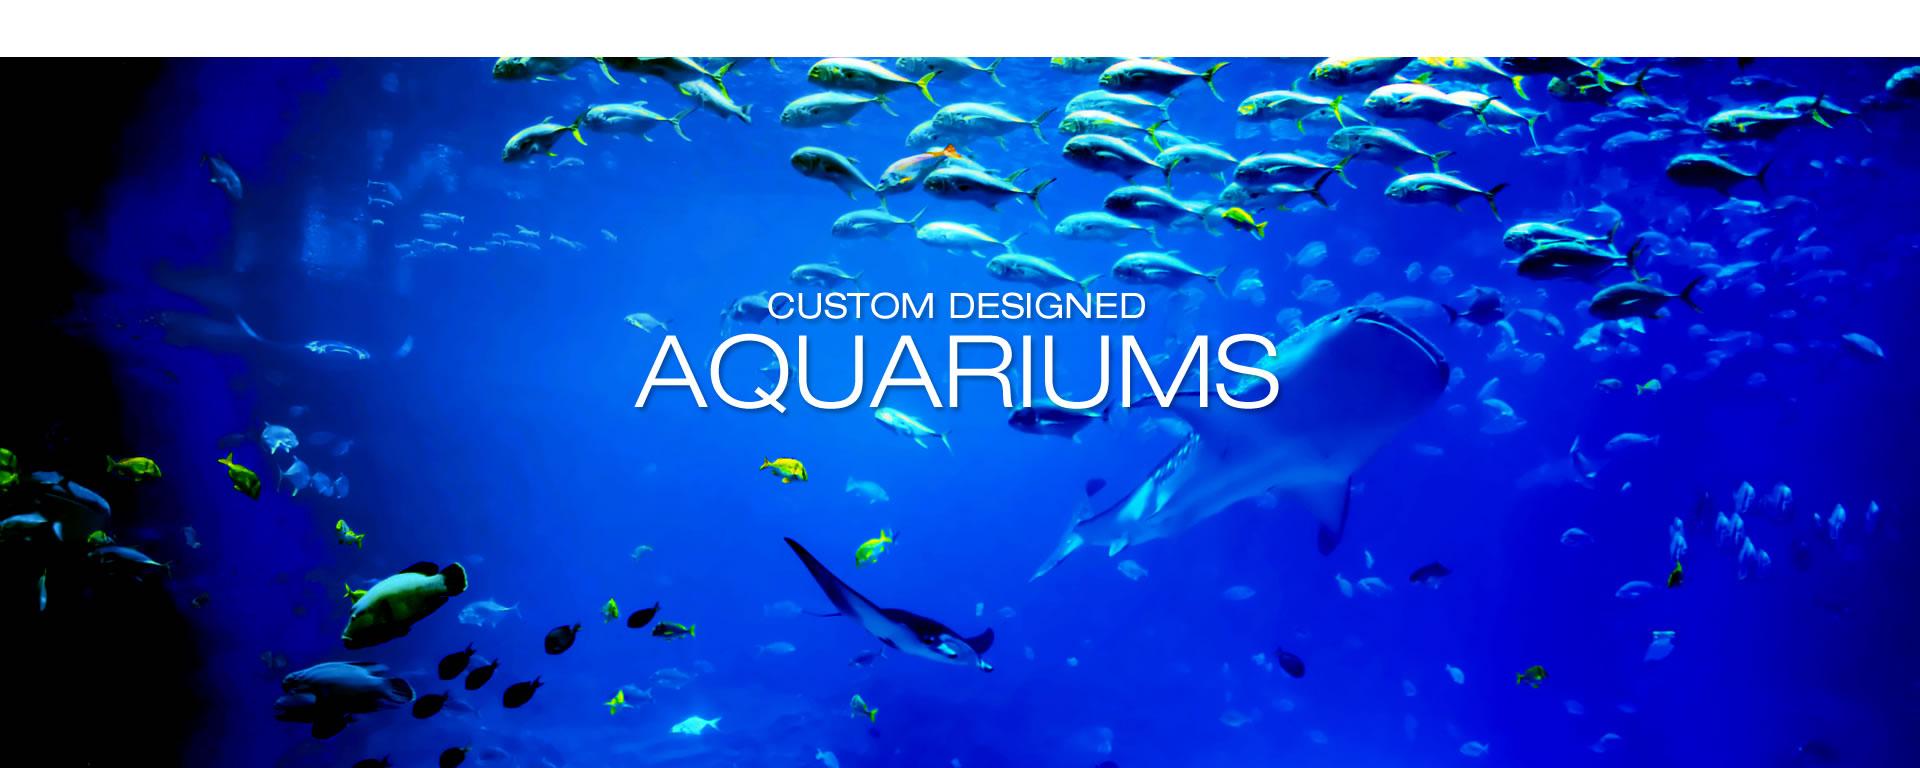 Aquarium Design International Custom Acrylic Aquarium